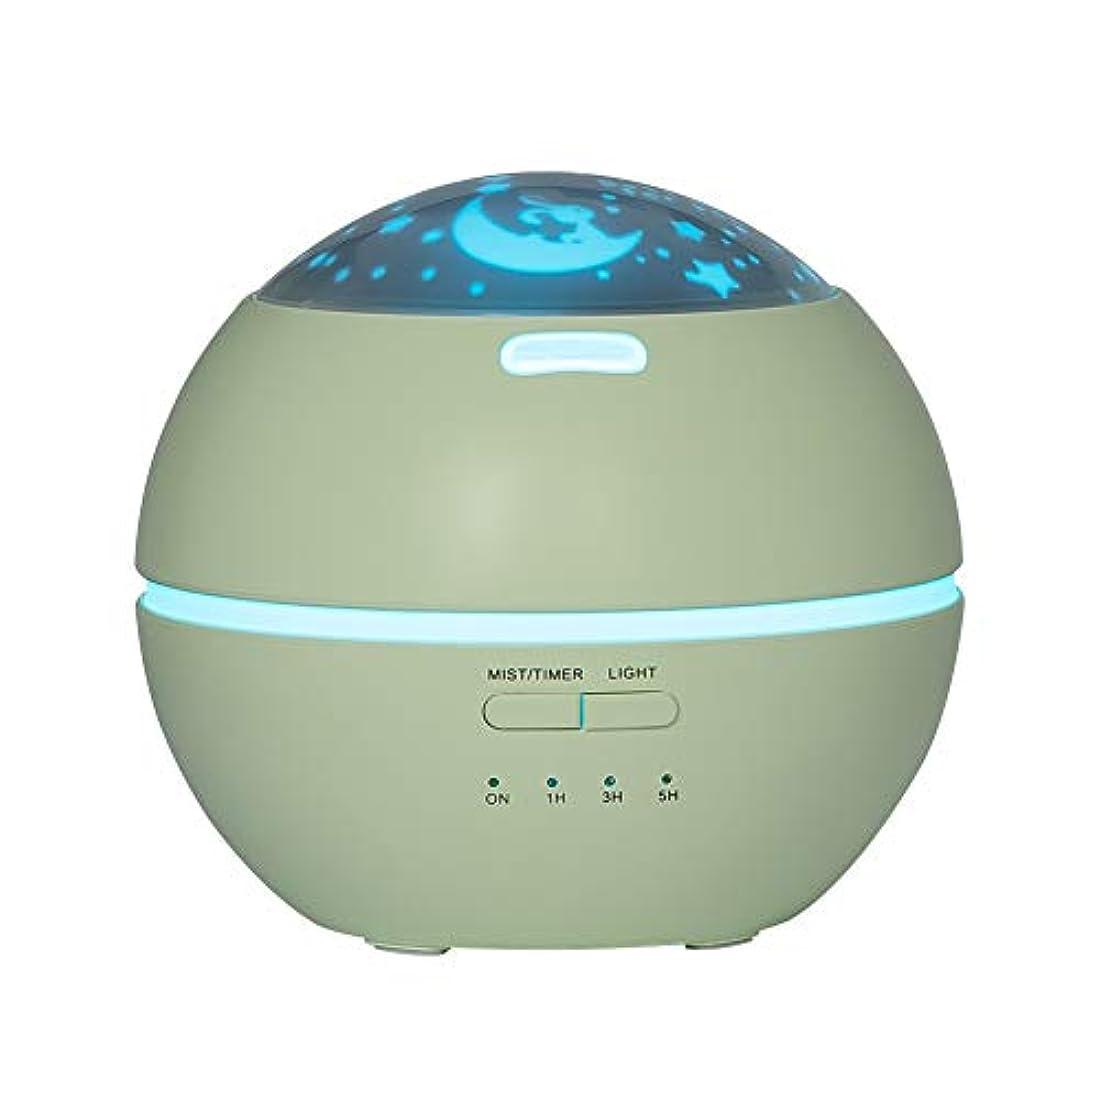 レンダー構想する表向きLIBESON 加湿器 卓上 超音波式 アロマディフューザー 8色LEDライト変換 超静音 ミス調整可能 時間設定タイマー機能付き 空焚き防止機能搭載 アロマ加湿器 ホワイト150mL (グリーン)